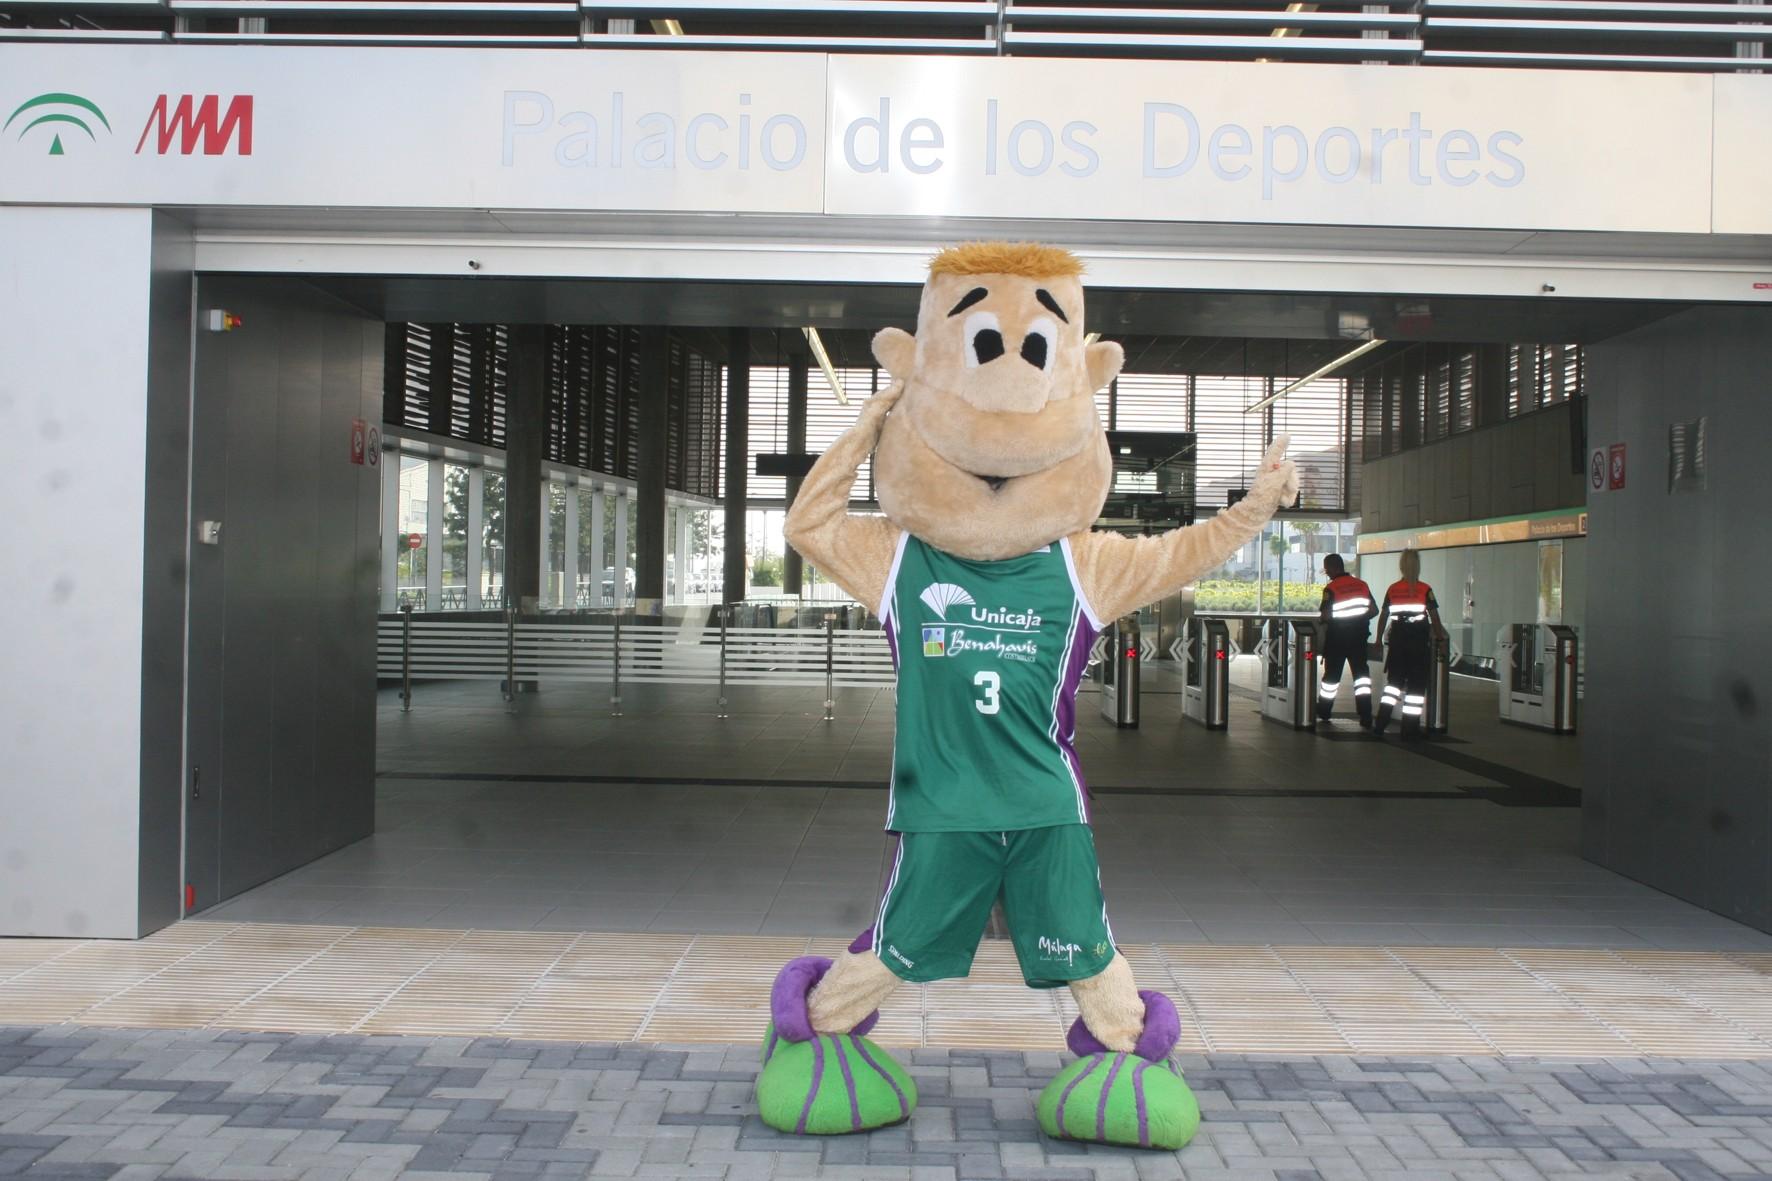 El metro de Málaga patrocina el Unicaja de Baloncesto.